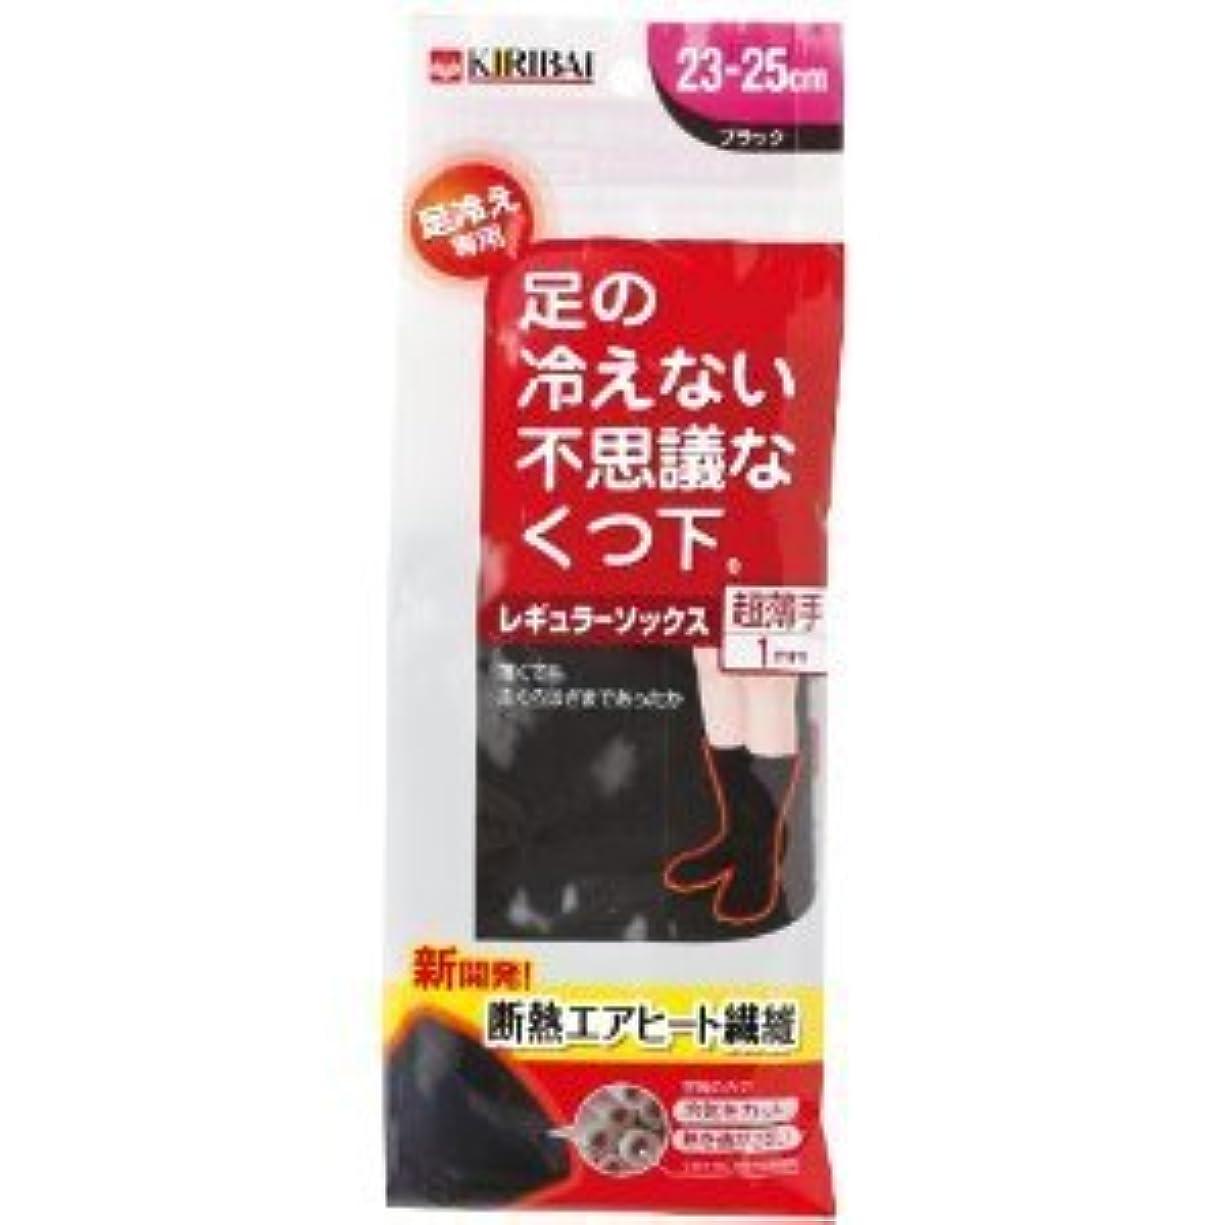 約束する玉ねぎ見えない足の冷えない不思議なくつ下 レギュラーソックス 超薄手 ブラック 23-25cm×2個